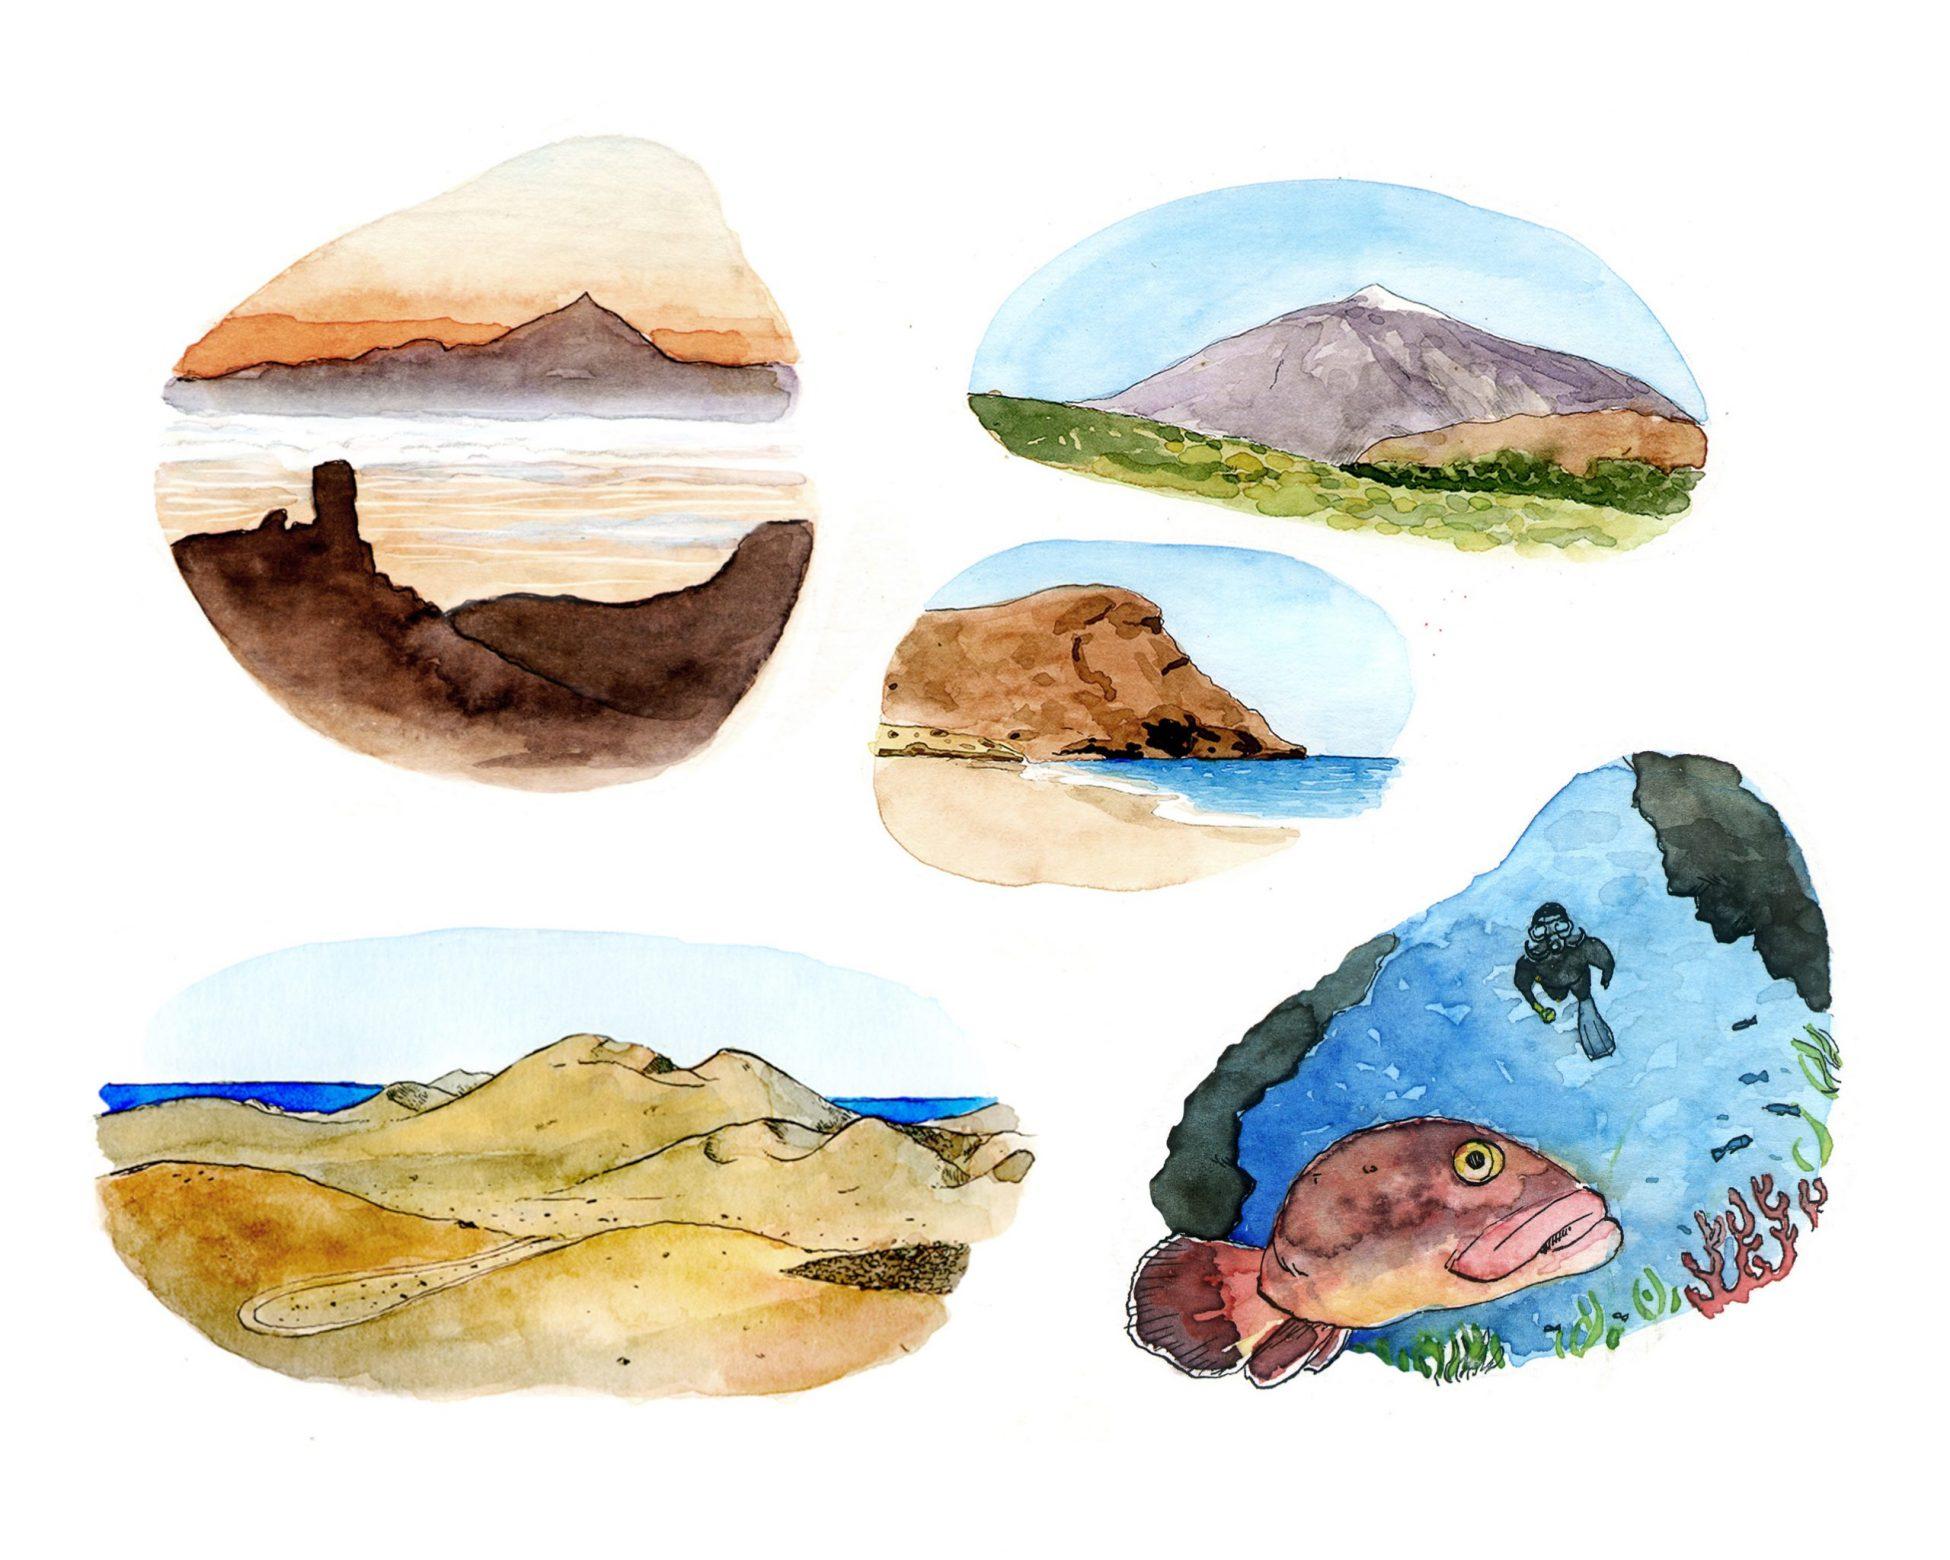 Dibujos en acuarela con distintas imágenes de las islas canarias.